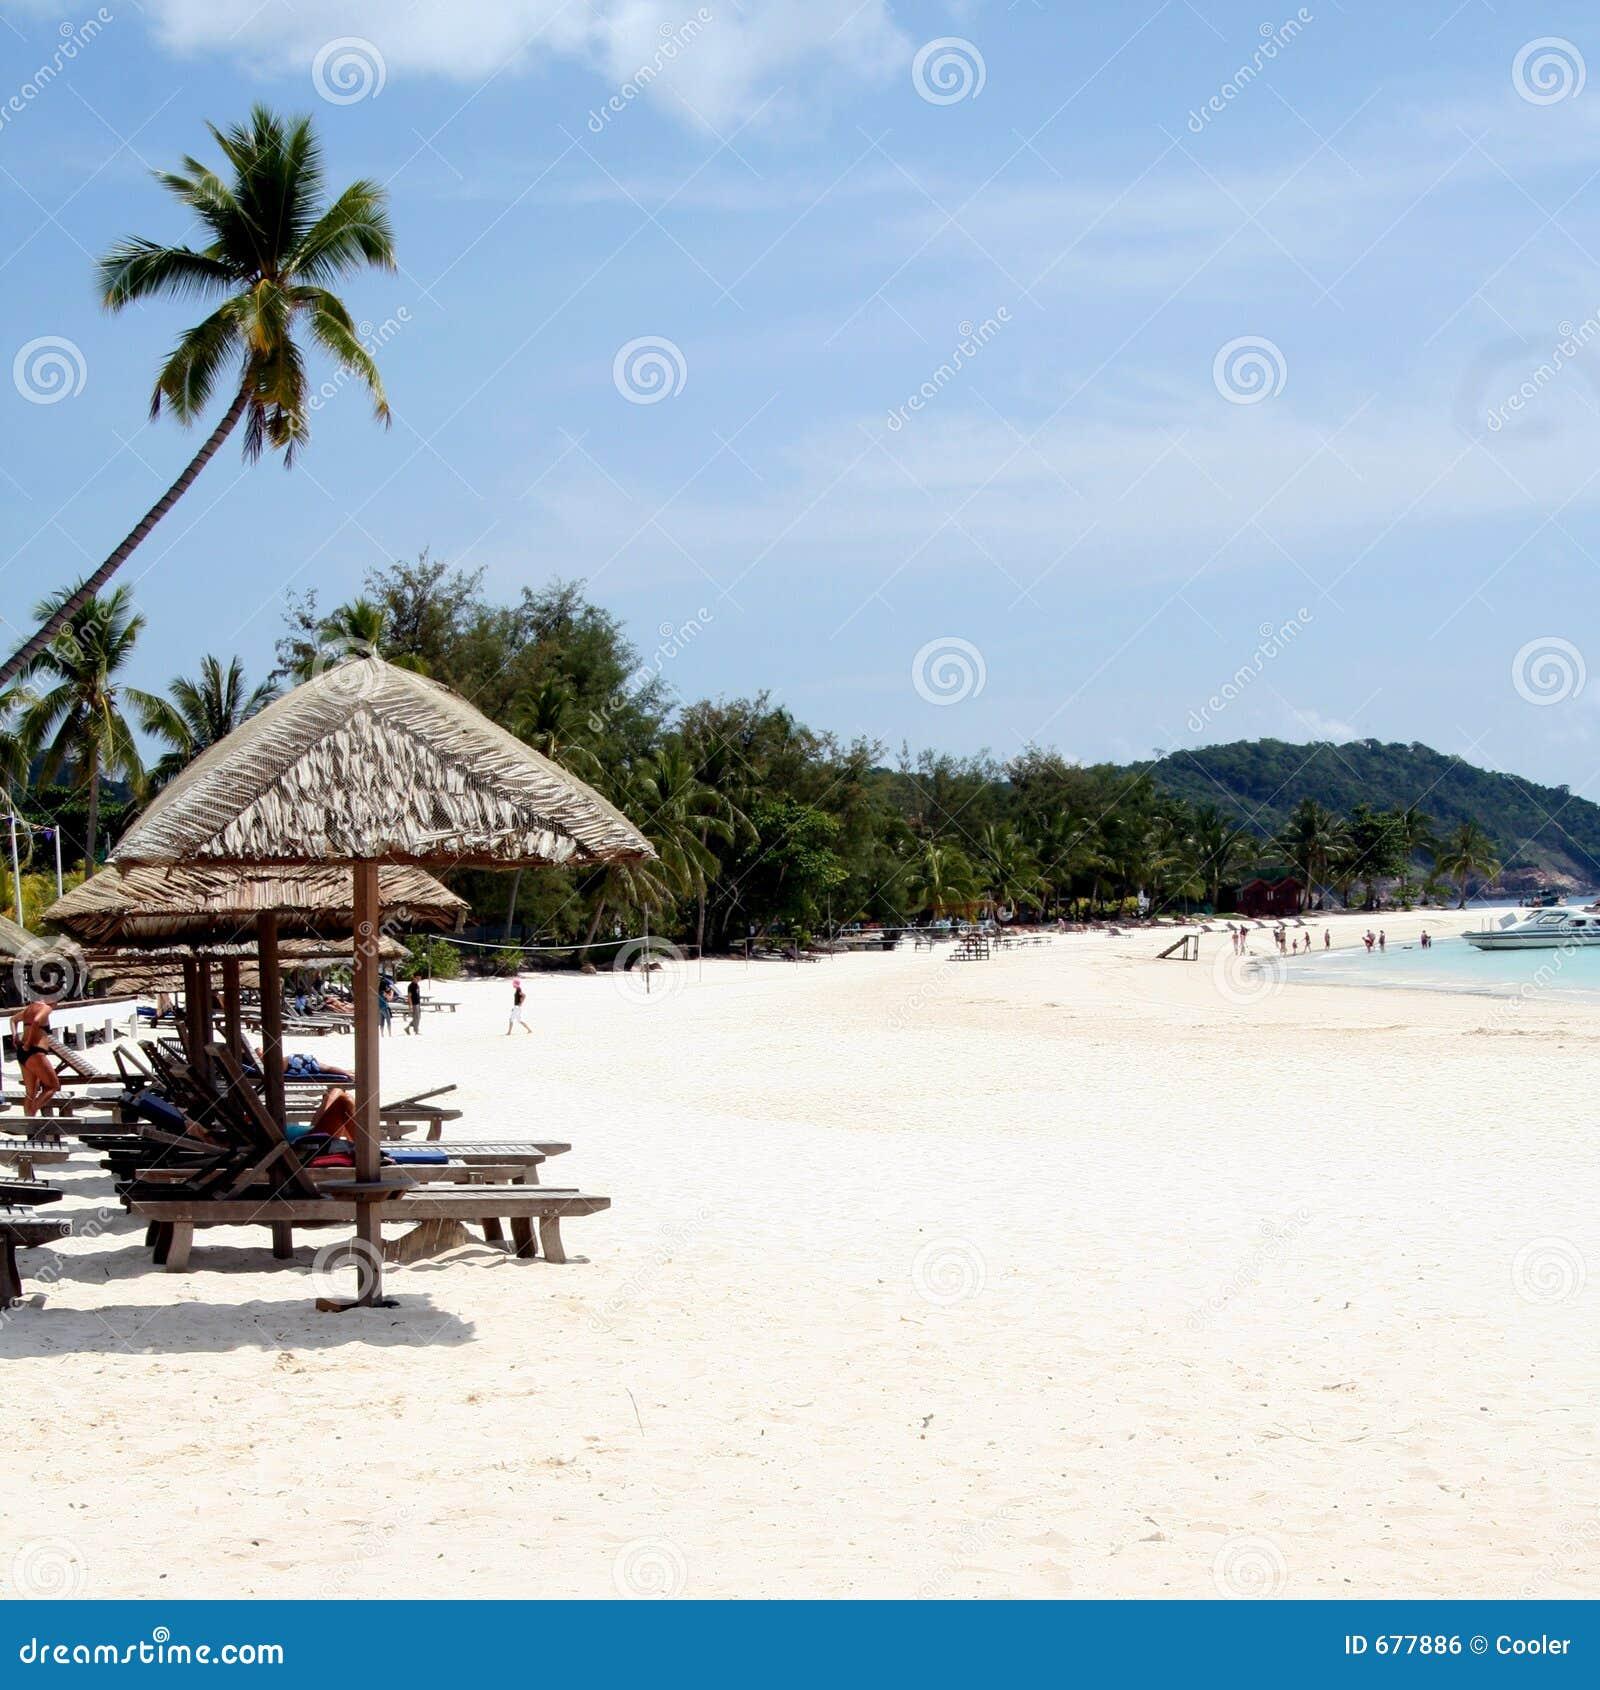 Malaysia Beach: Malaysian Beach Stock Photo. Image Of Cabana, Holiday